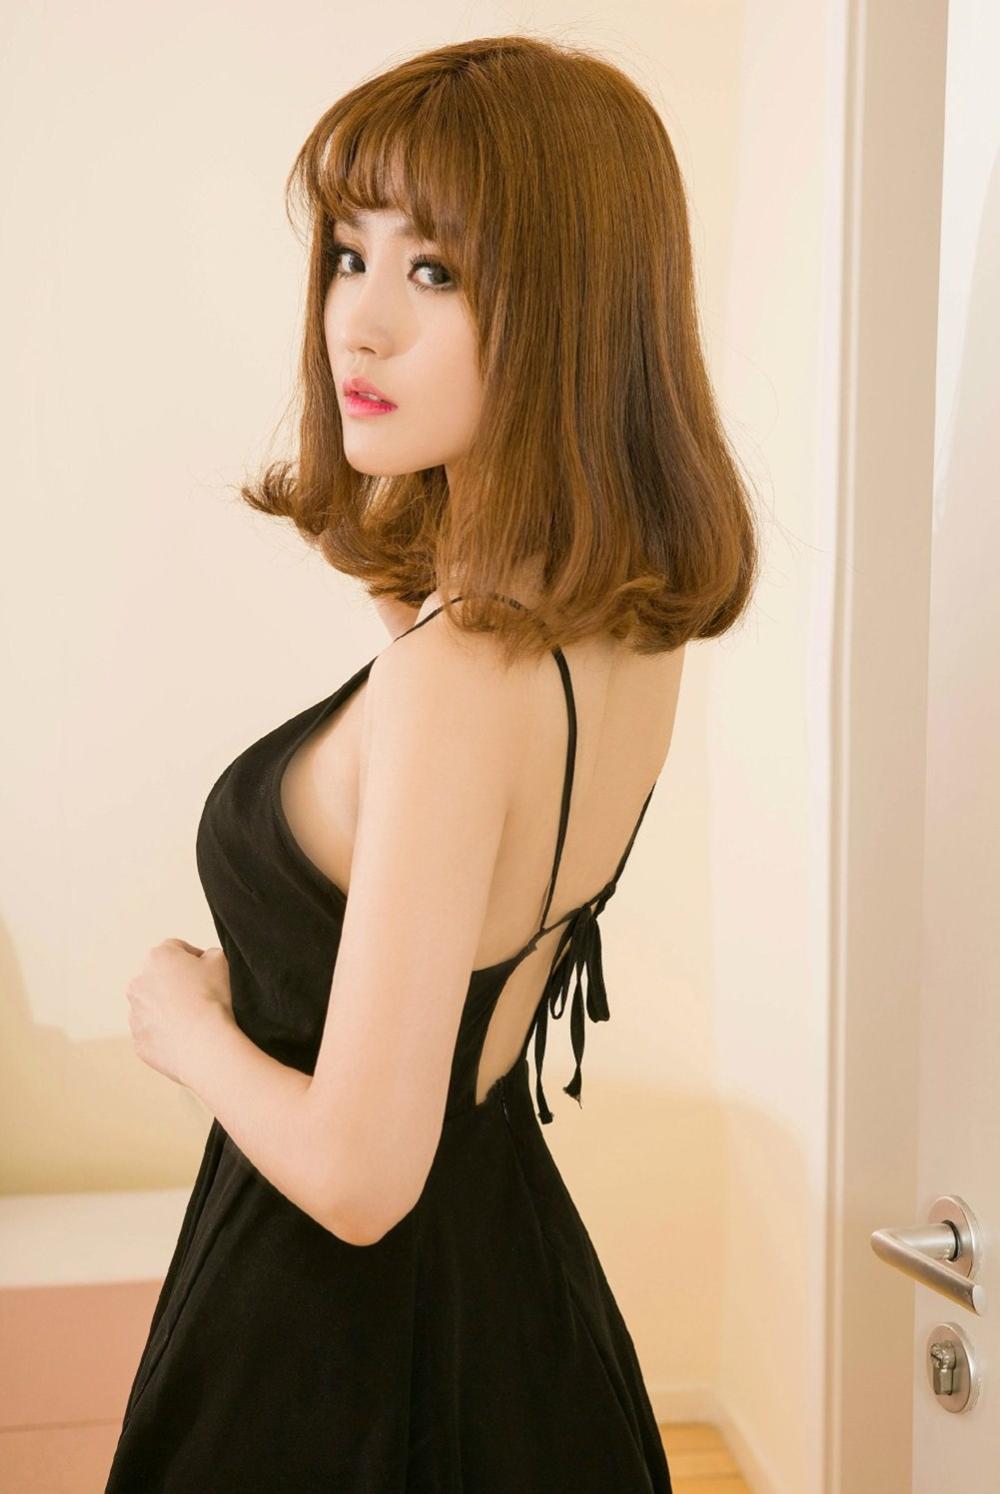 黑色的吊带裙, 诠释出的是美女妩媚的风情 1